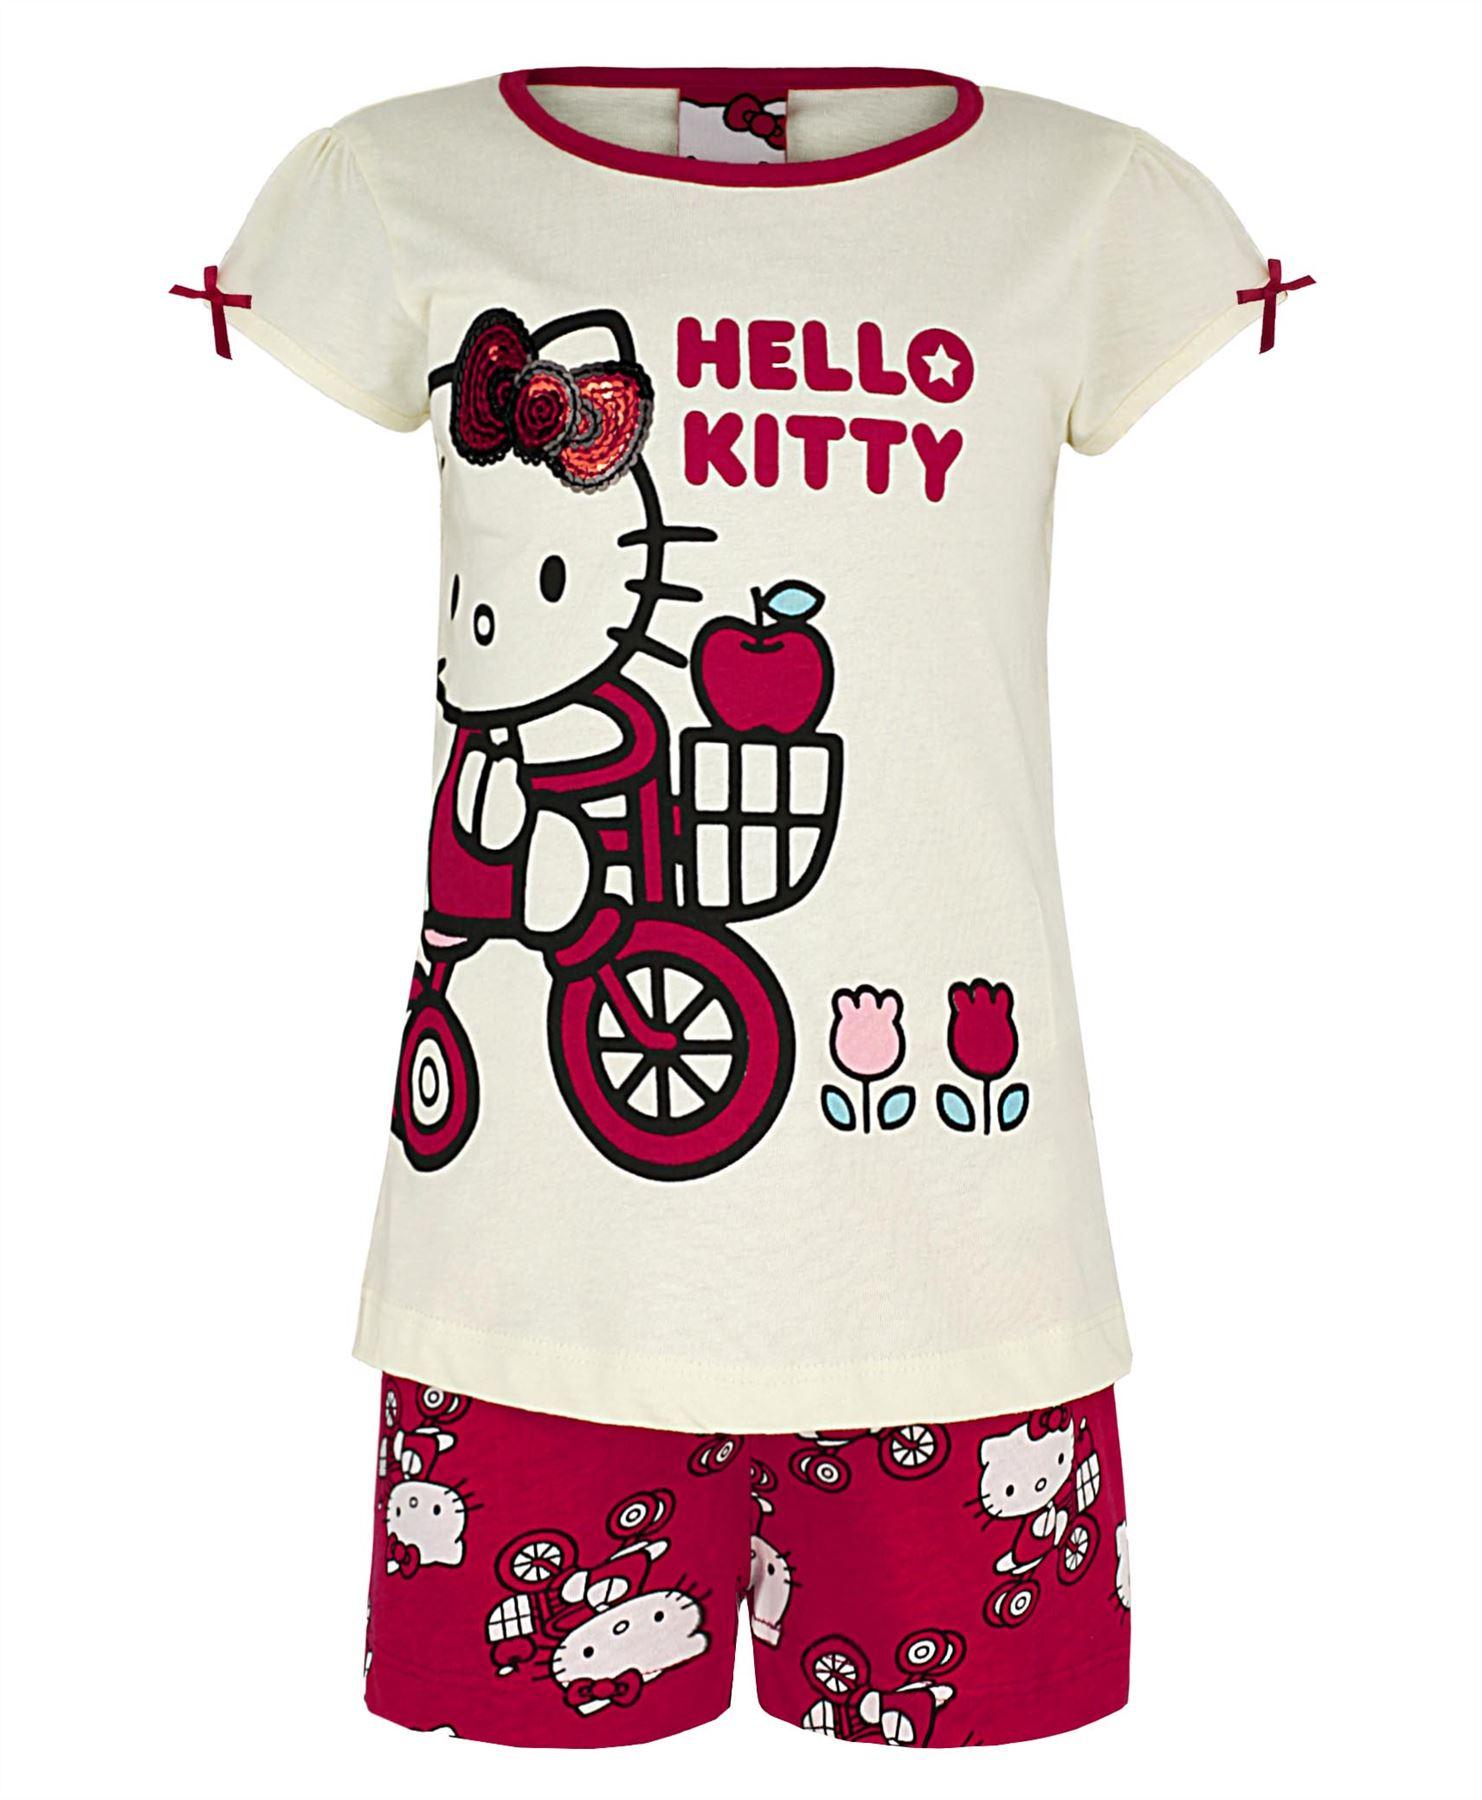 Girls hello kitty nightwear cotton pyjama top shorts set dress kids pjs 2 8 y ebay - Table de nuit hello kitty ...